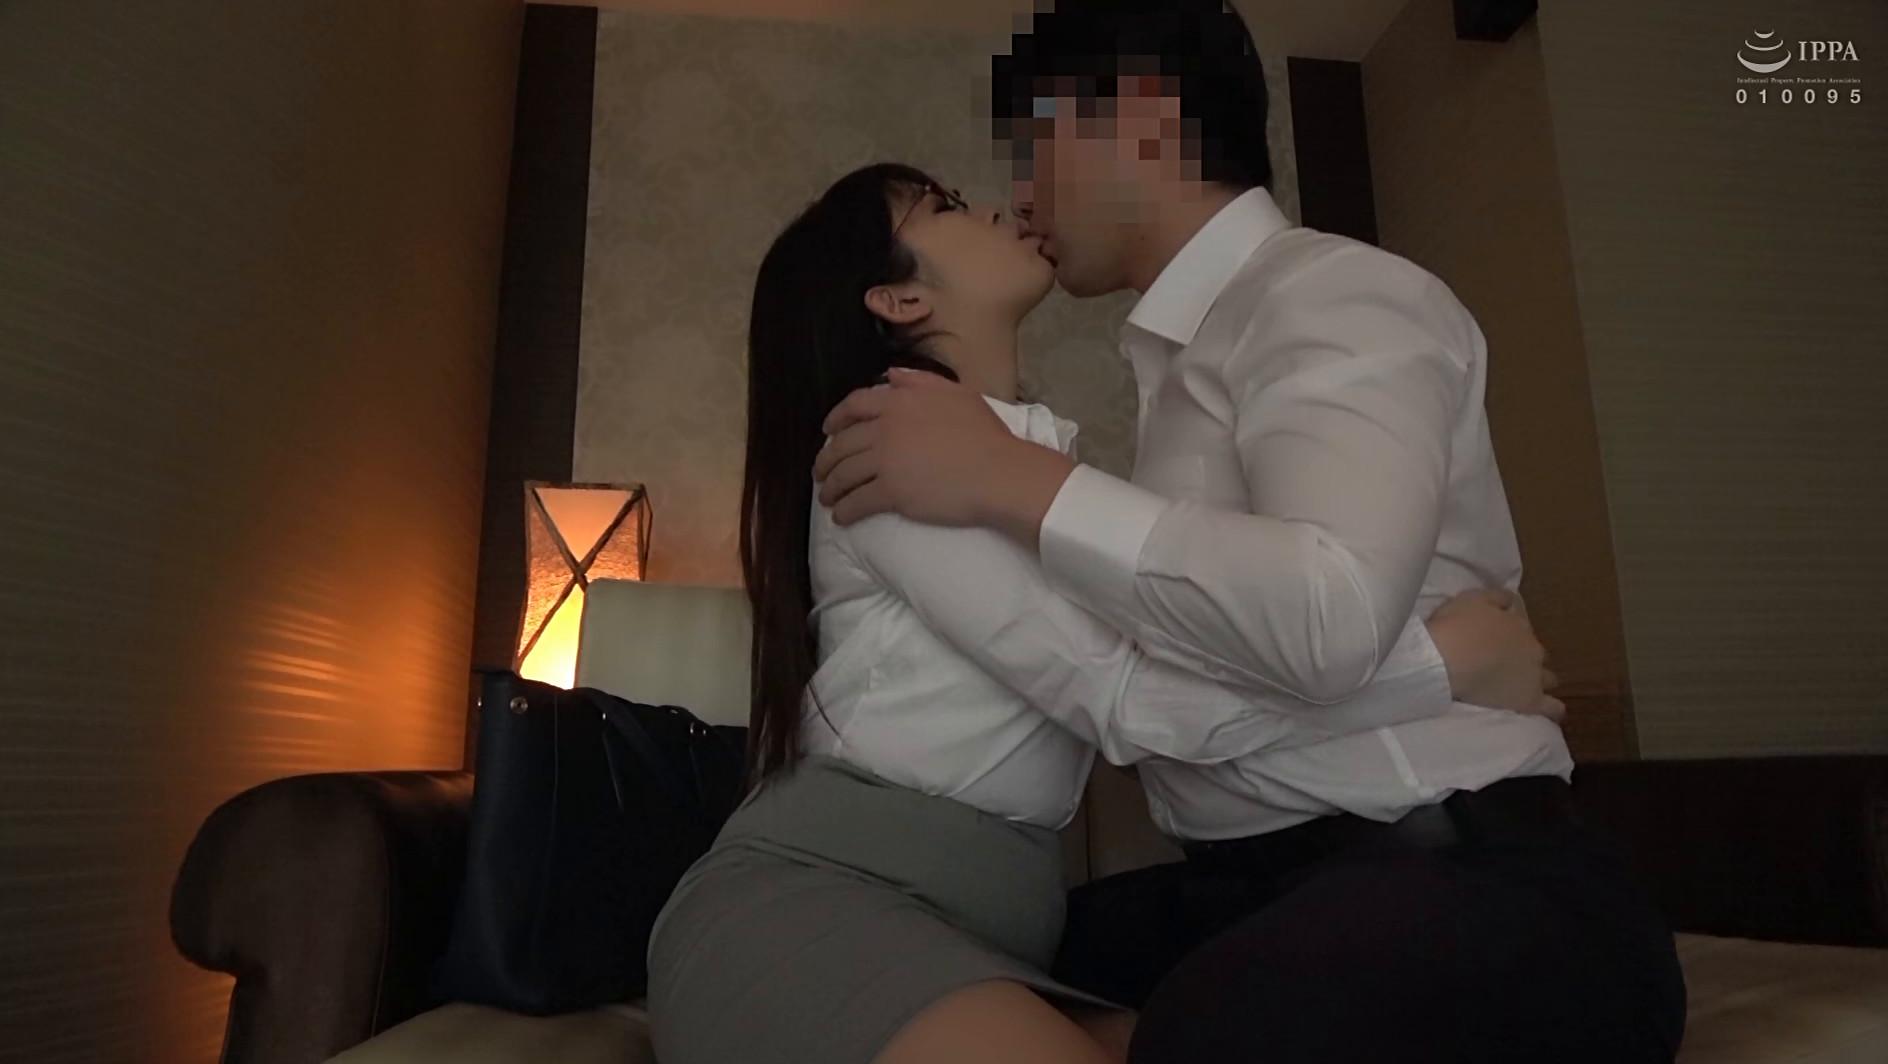 シャツと白い巨乳 2 着衣SEXとチラリズム 全編撮りおろし 究極パイズリ、濡れ透けローションプレイ、着衣入浴SEX 画像17